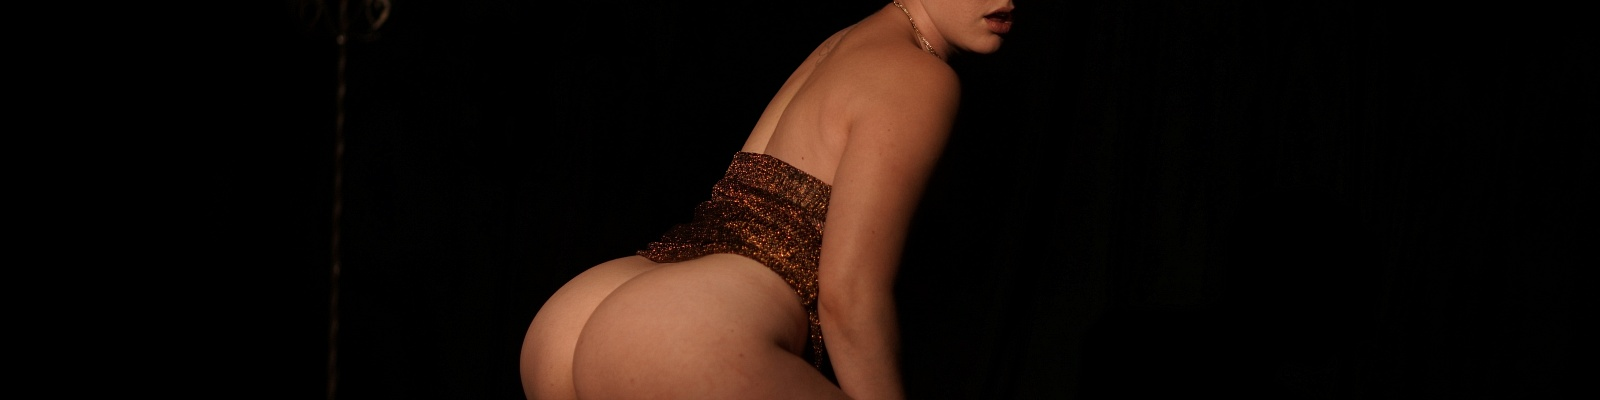 Riley Nixon's Cover Photo